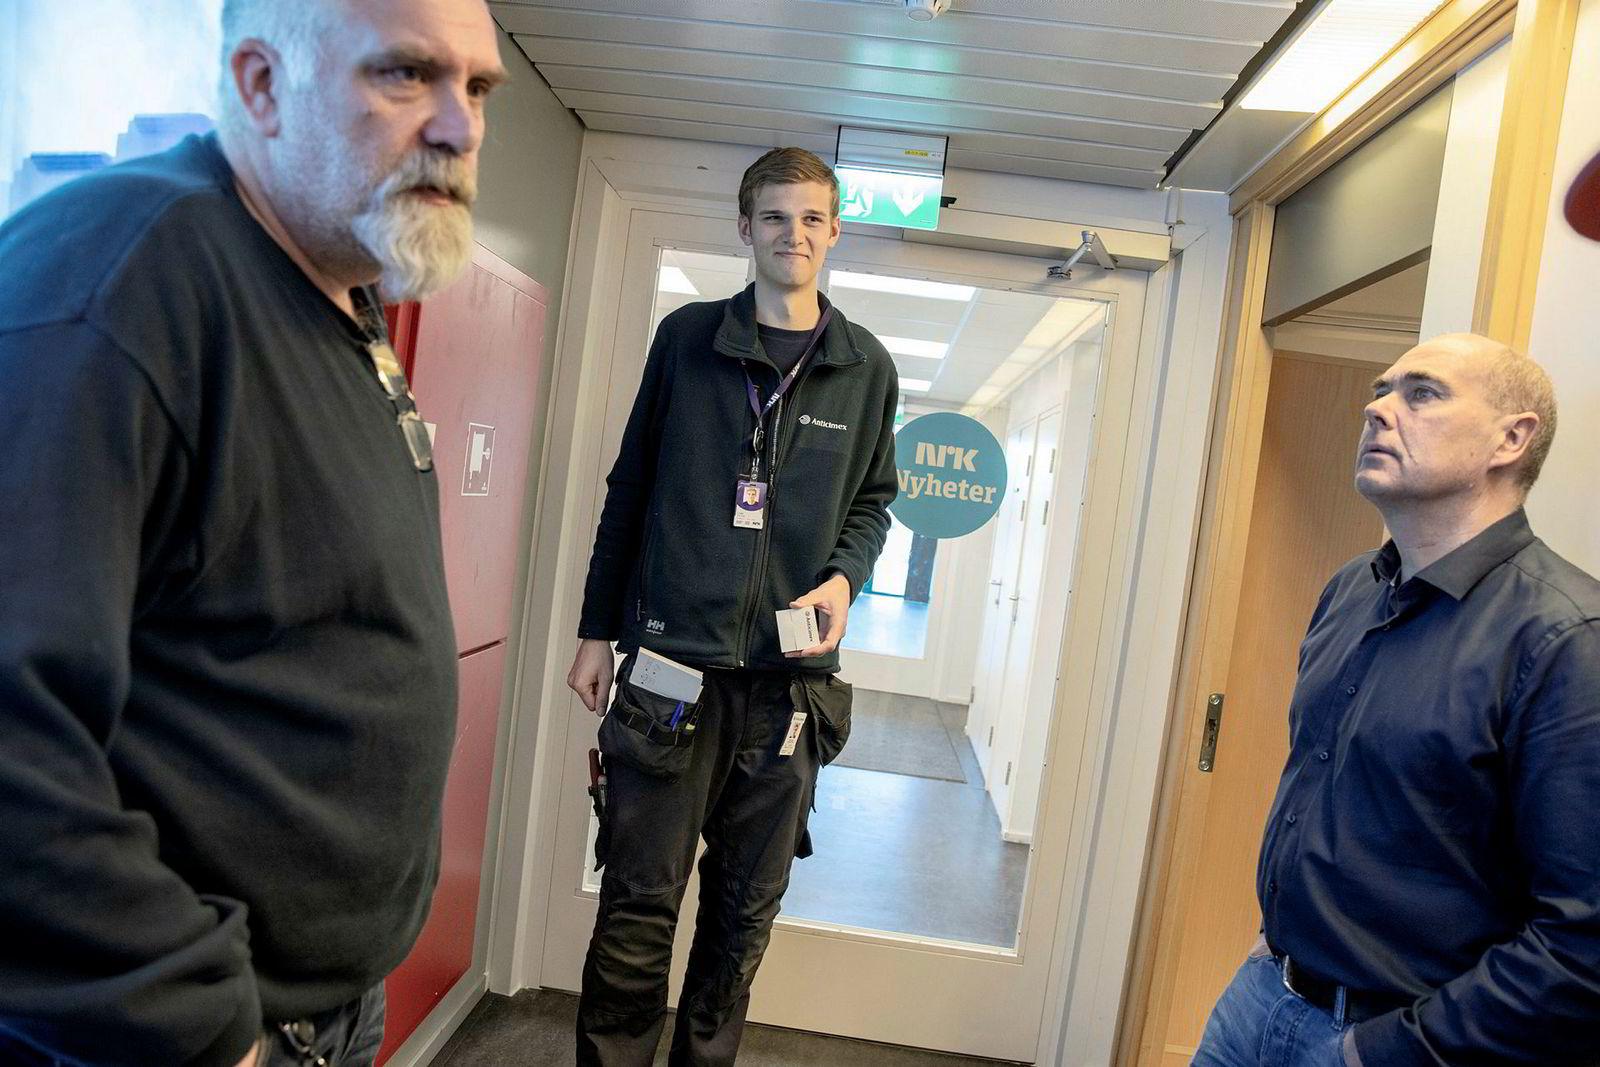 – Programlederne fortalte hva de hadde sett. De ble nervøse, forteller Trond Sverre Pedersen (til venstre) om oppdagelsen som fikk alarmen til å gå på Marienlyst. Til høyre står leder for eiendom fellestjenester Ole Kjærsgaard i NRK. I midten står skadedyrtekniker Erik Linge i Anticimex.